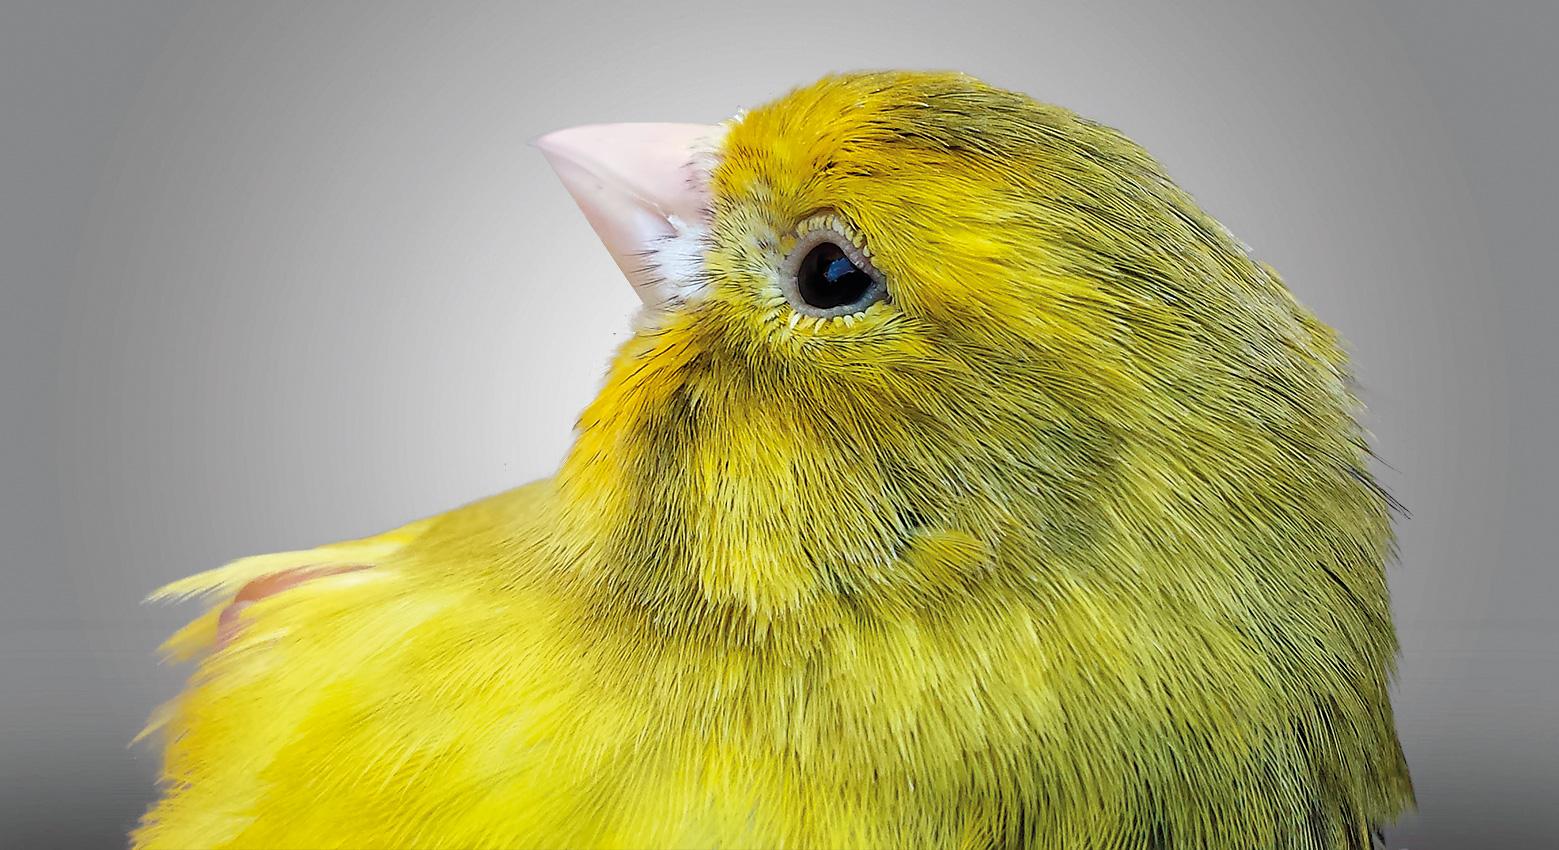 Cabeza de un ágata intenso amarillo